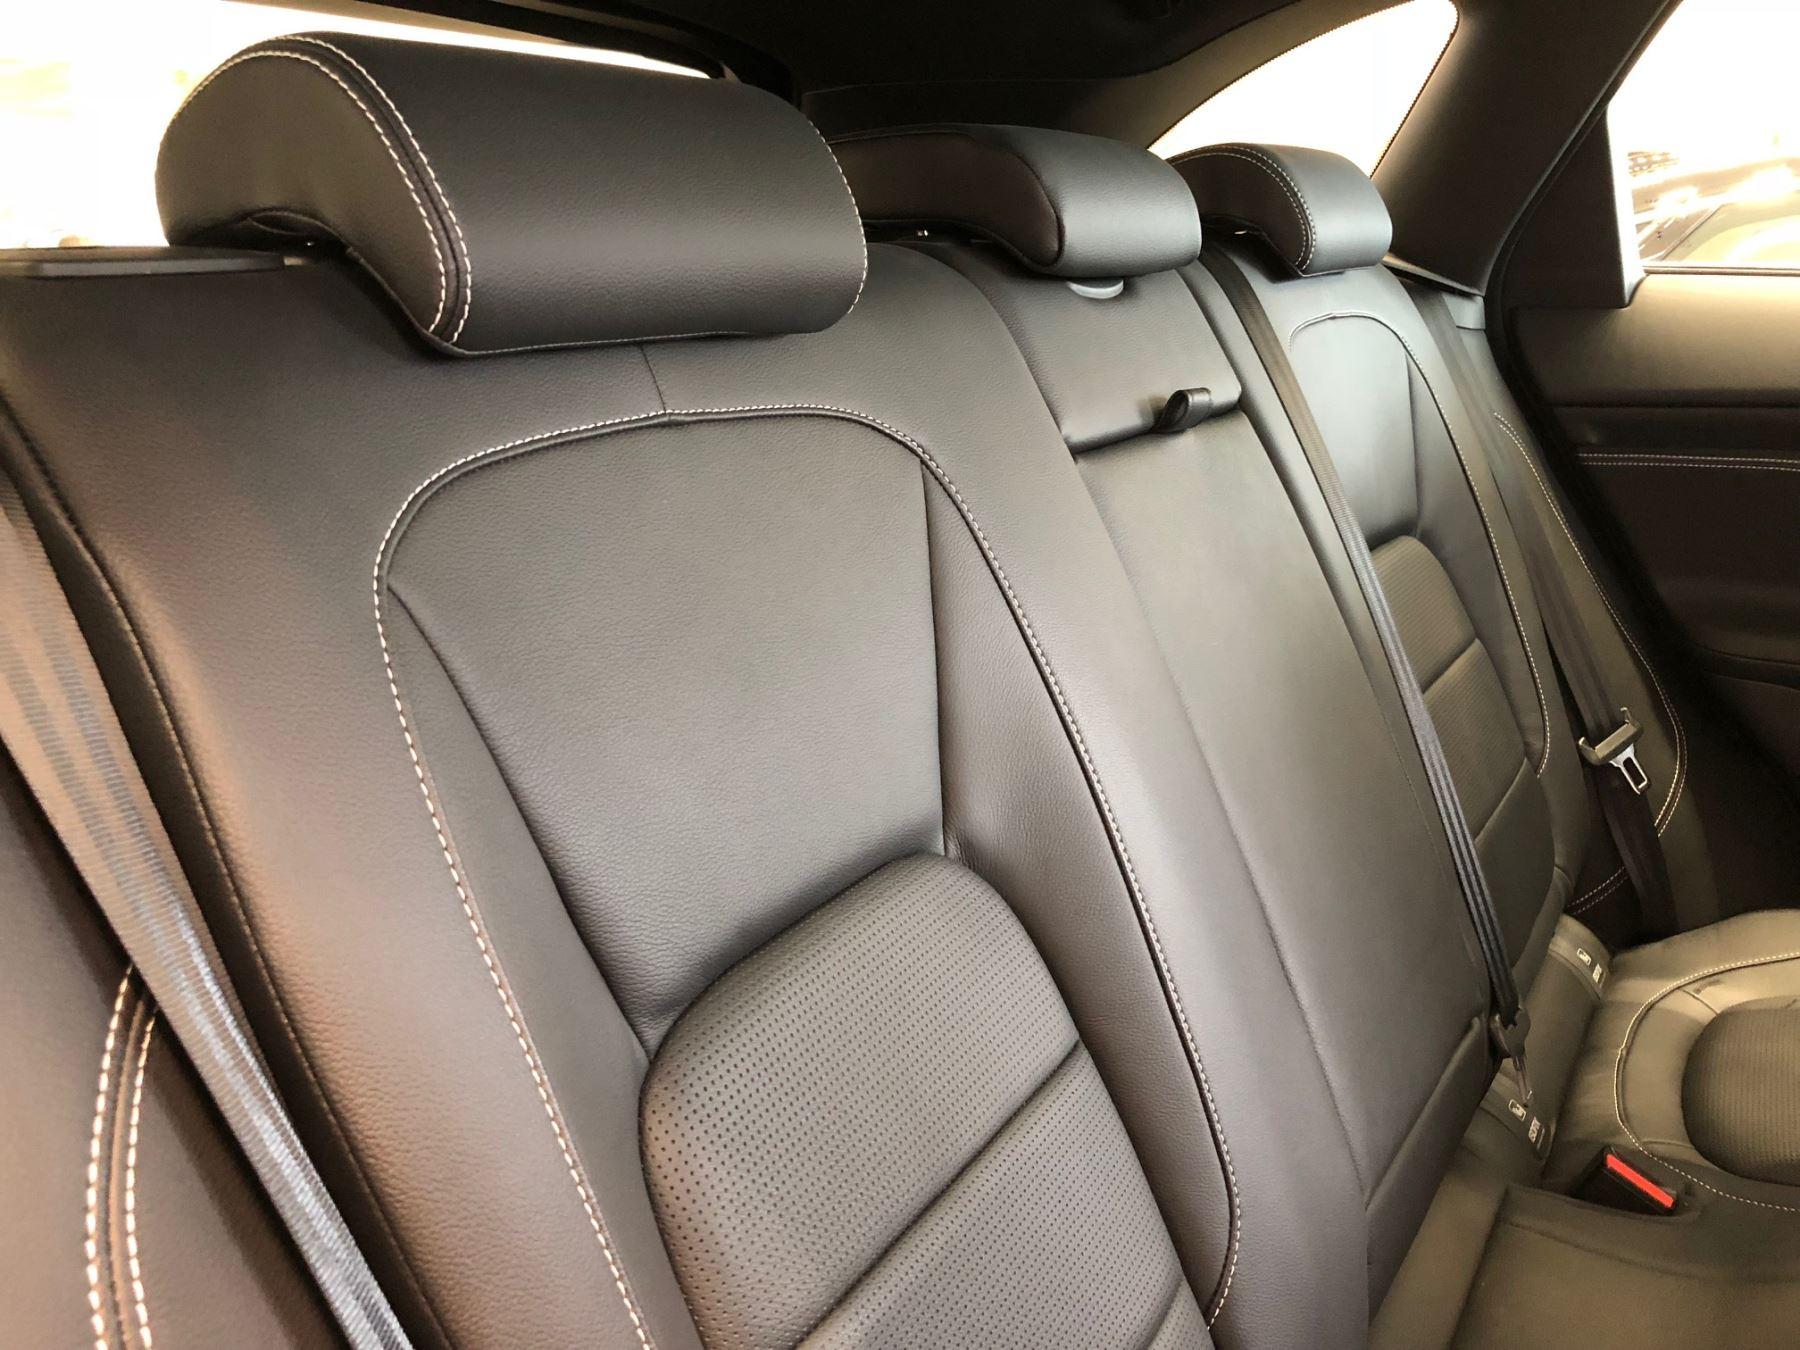 Jaguar F-PACE 2.0d R-Sport AWD image 5